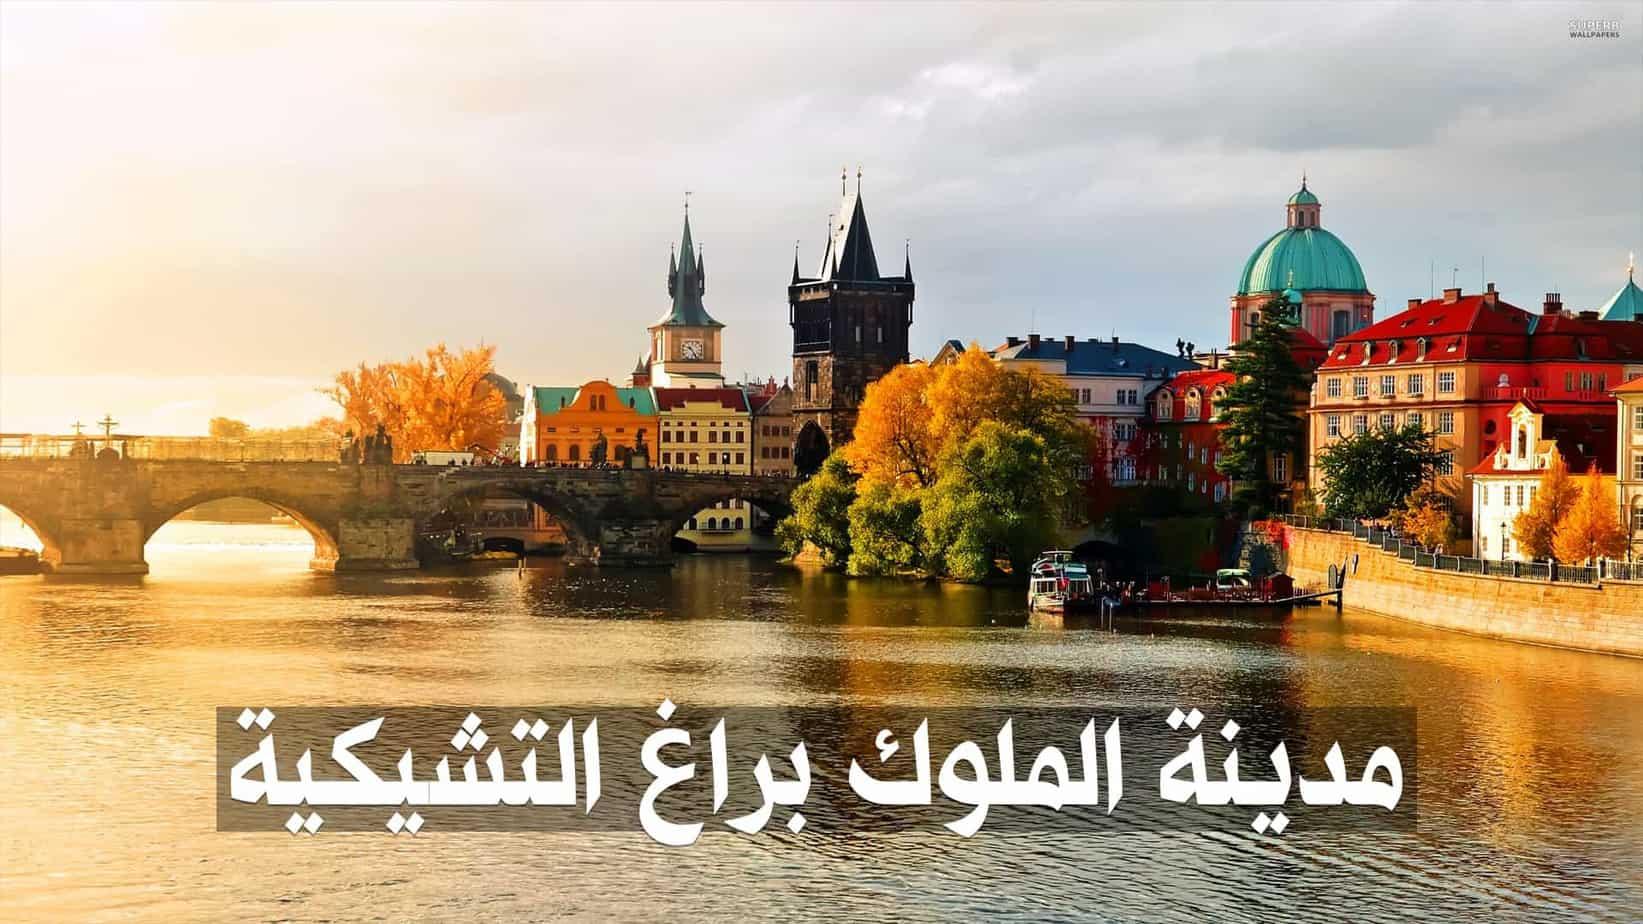 مميزات و عيوب مدينة الملوك براغ